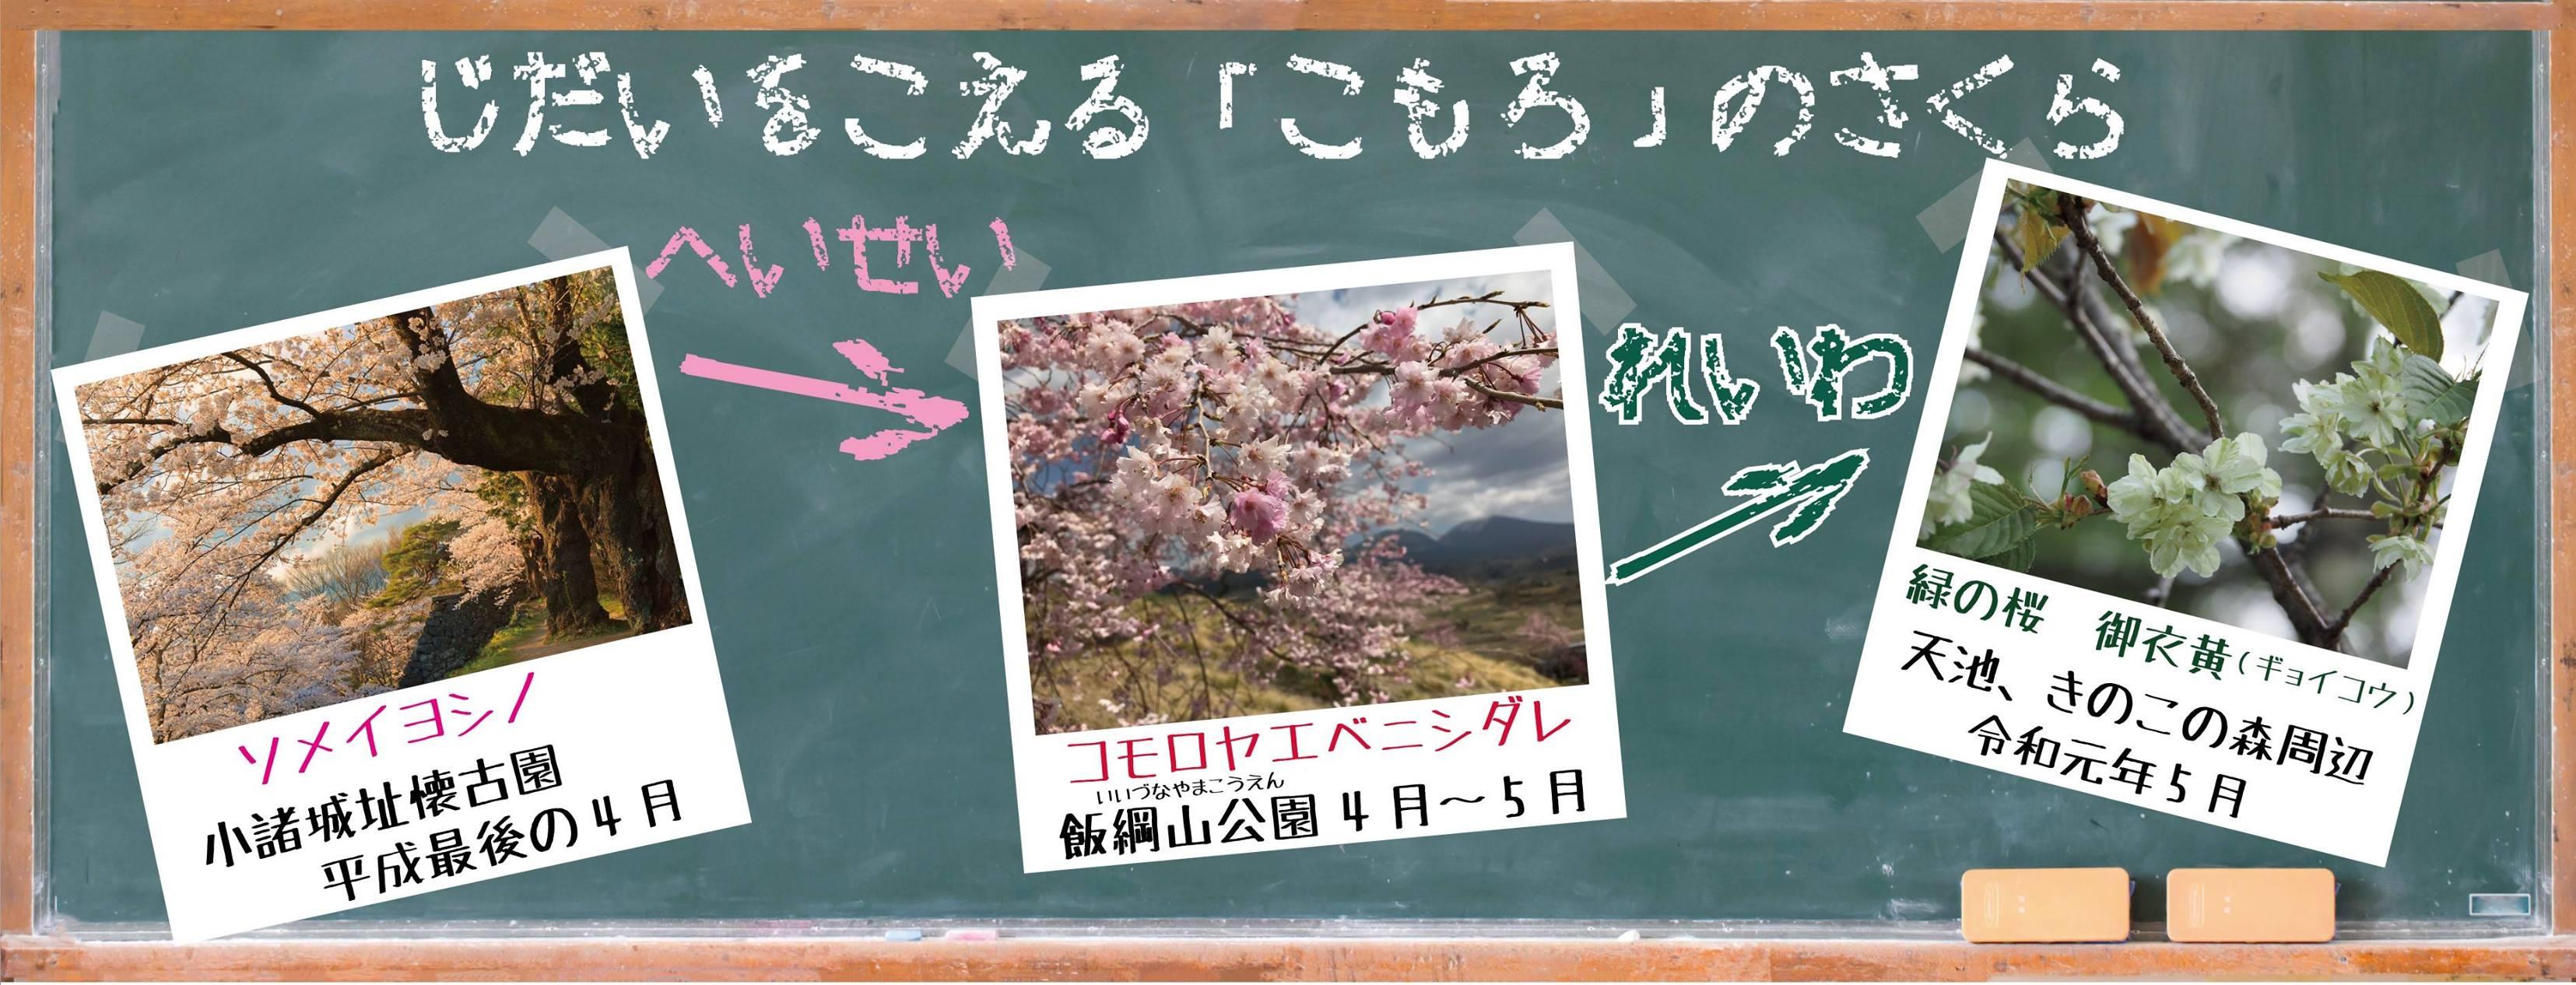 平成から令和へ!時代を超える小諸の桜 5月中旬頃までお花見が楽しめます!